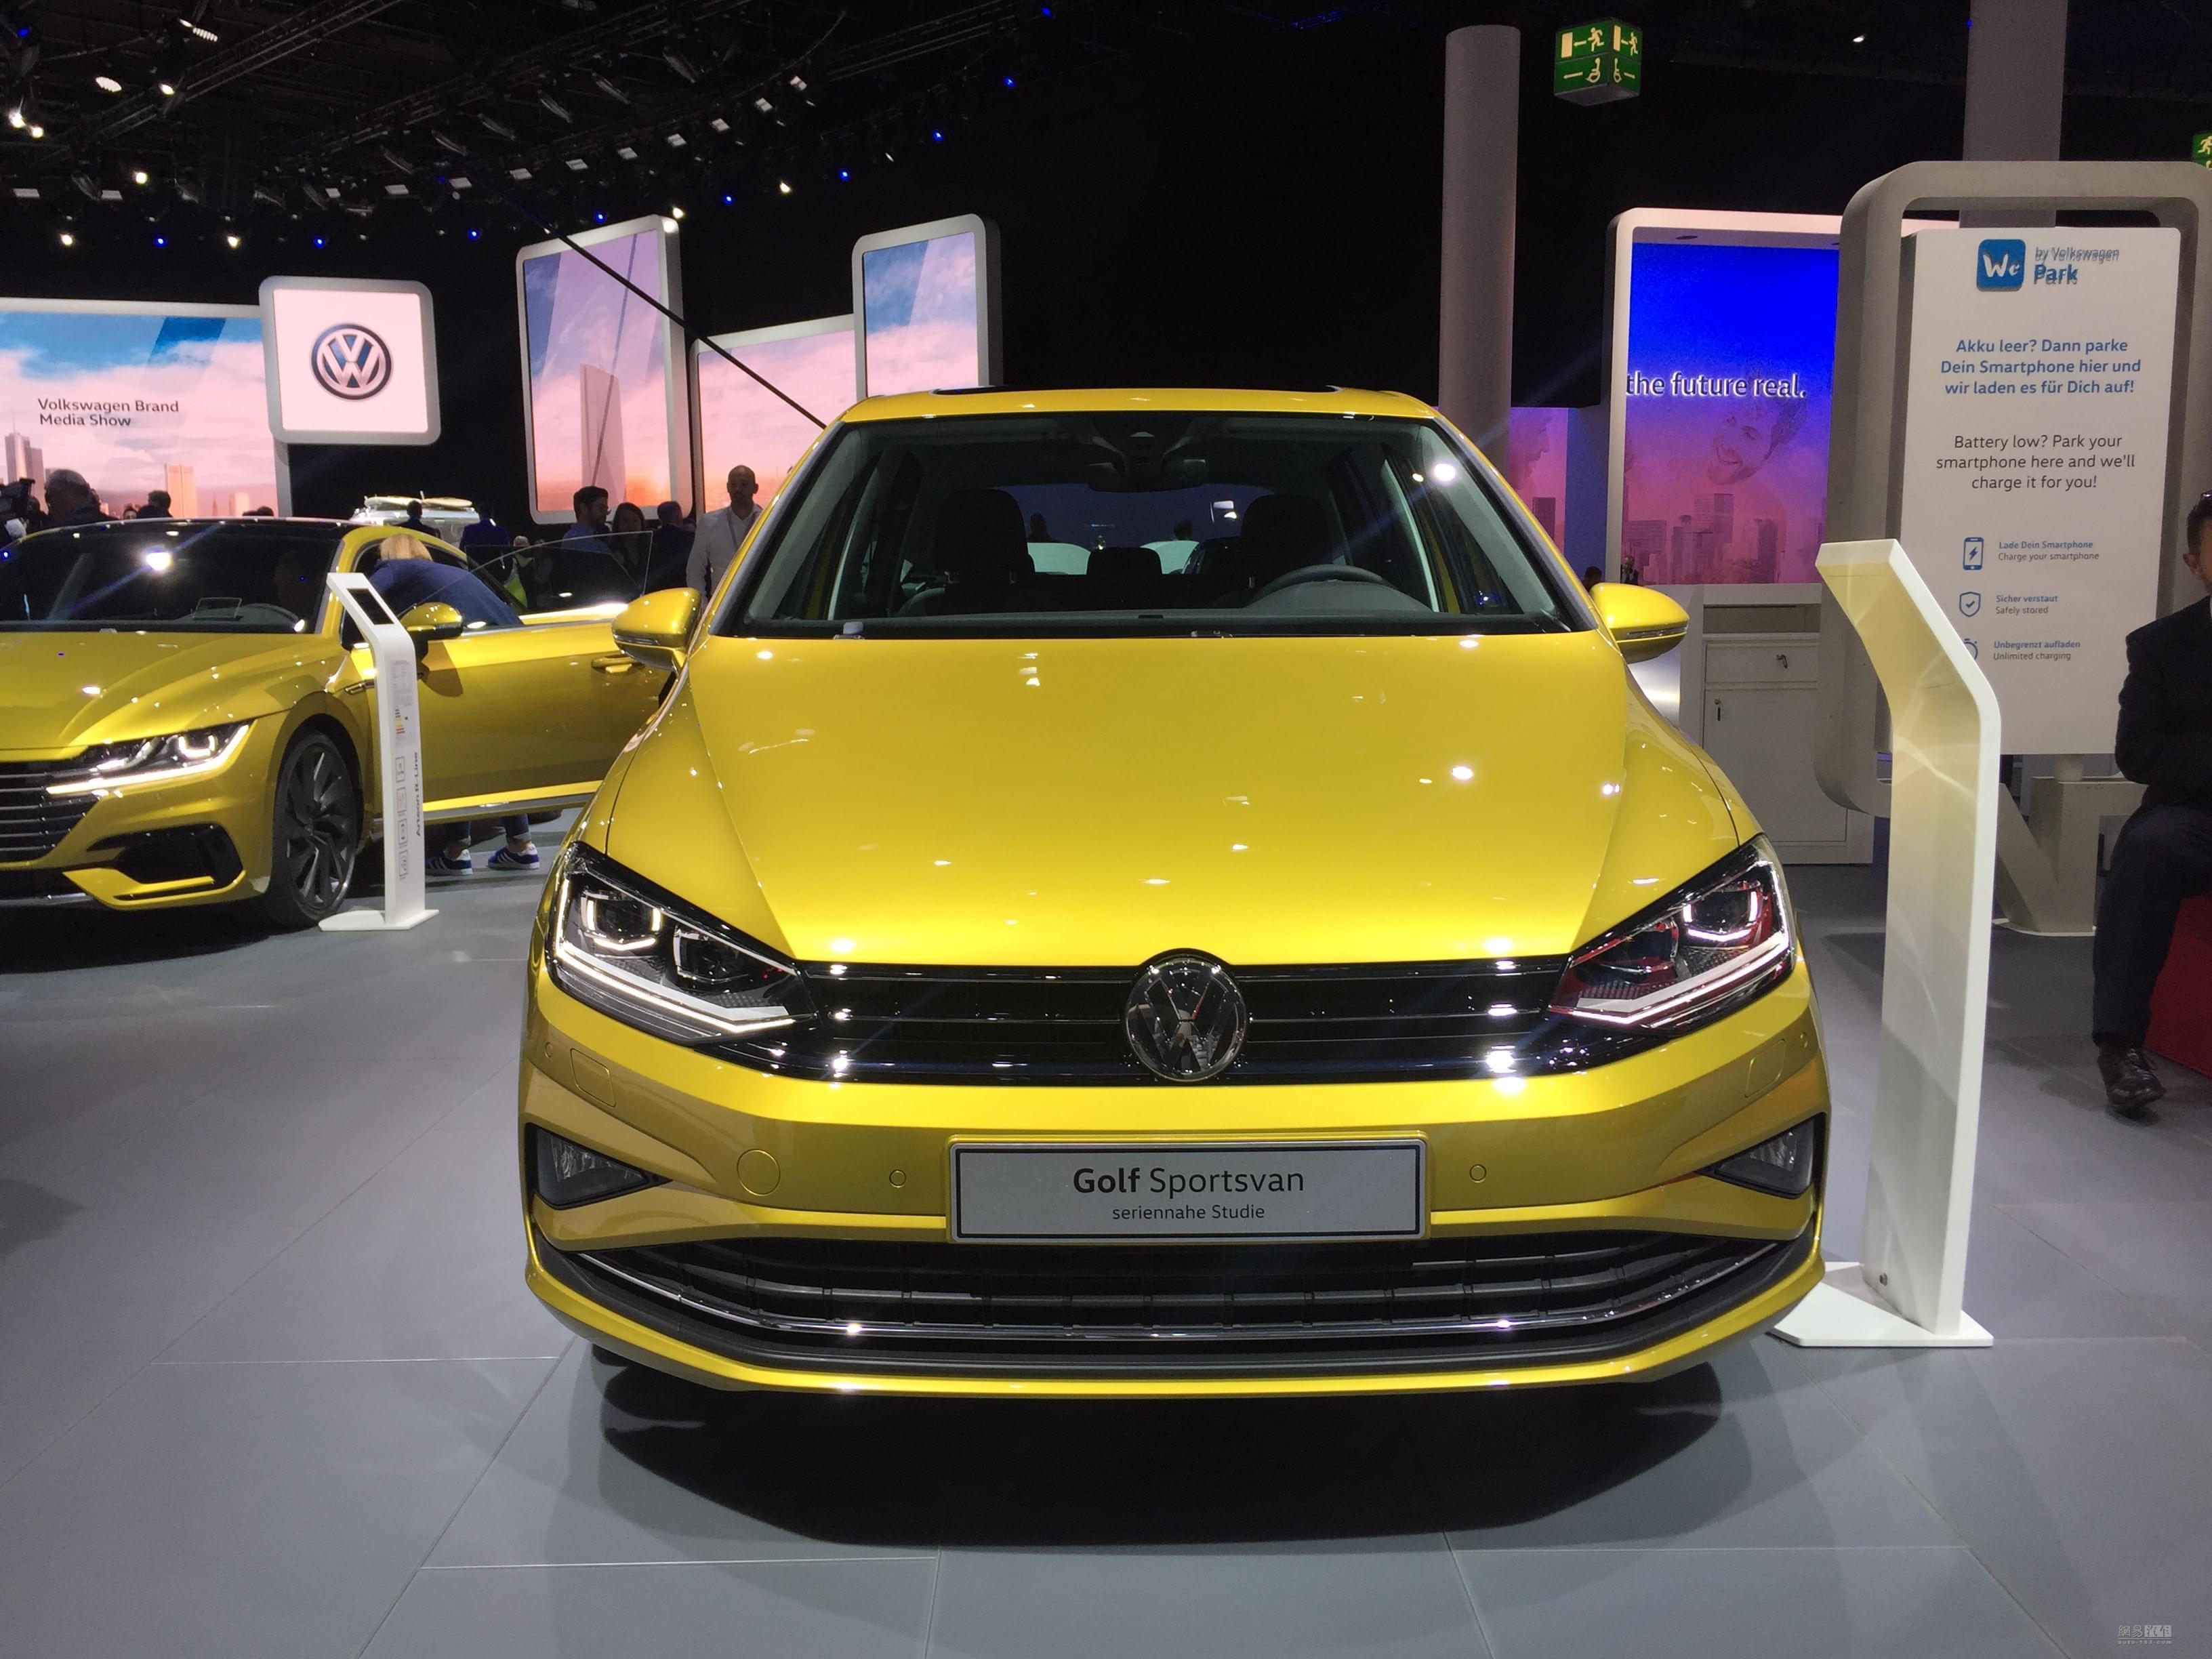 中期改款/外观升级 高尔夫Sportsvan亮相